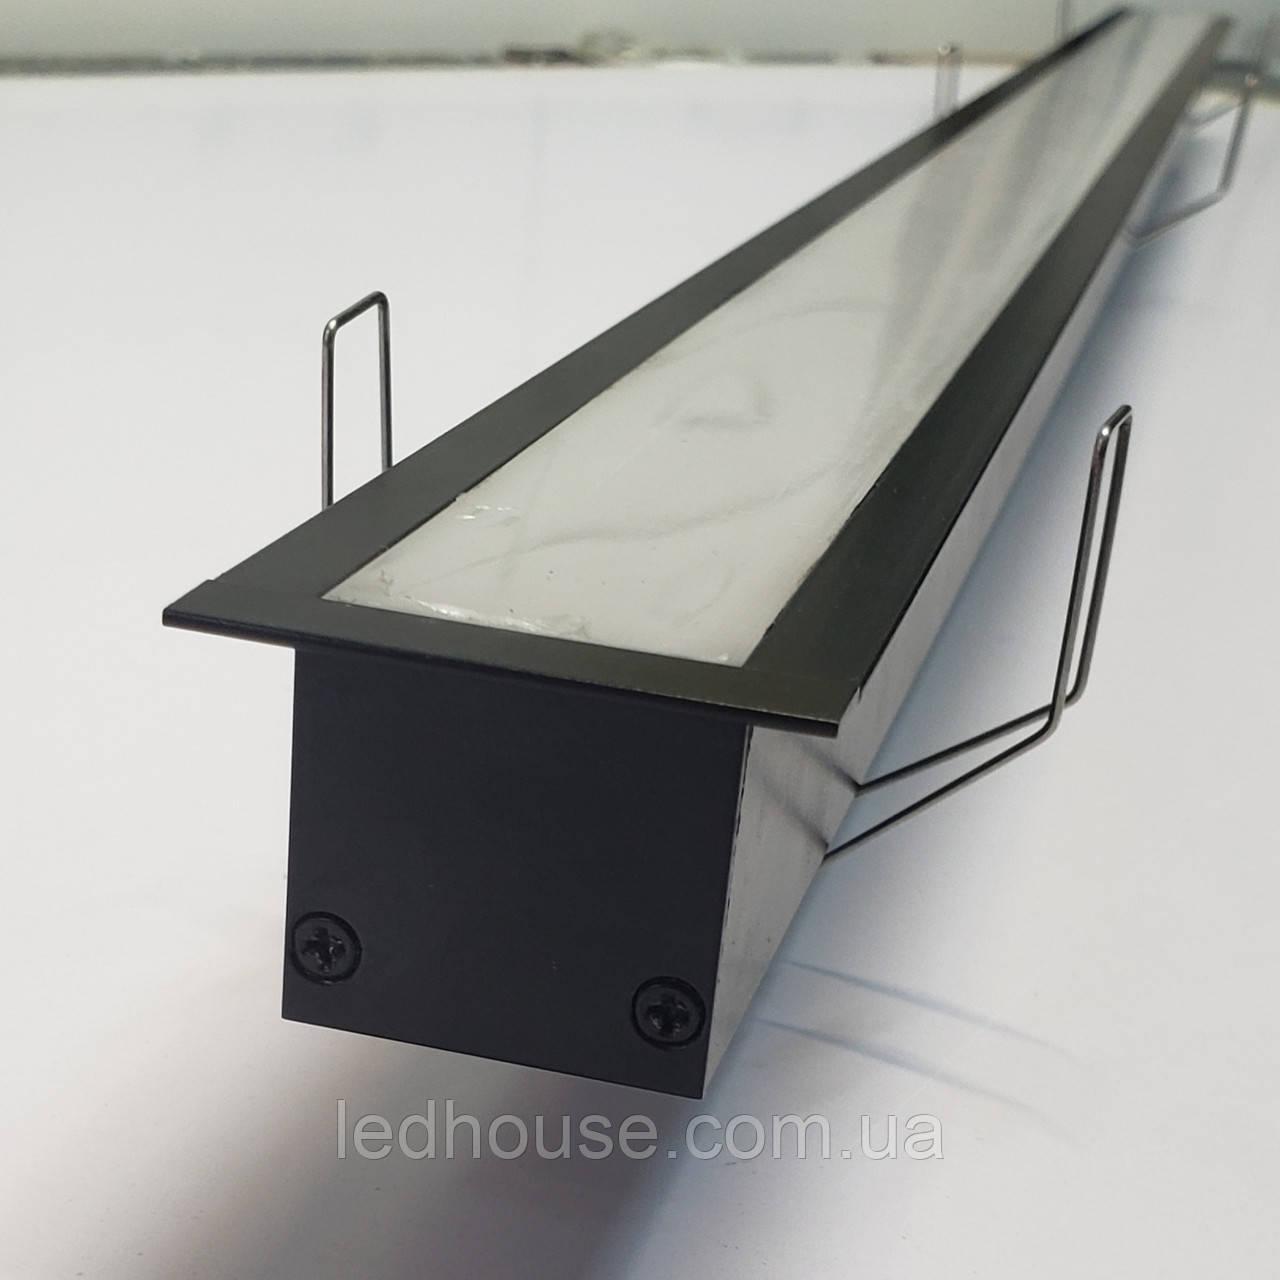 Чорний врізний LED світильник 1400lm 100 див. 24 W. З криплением